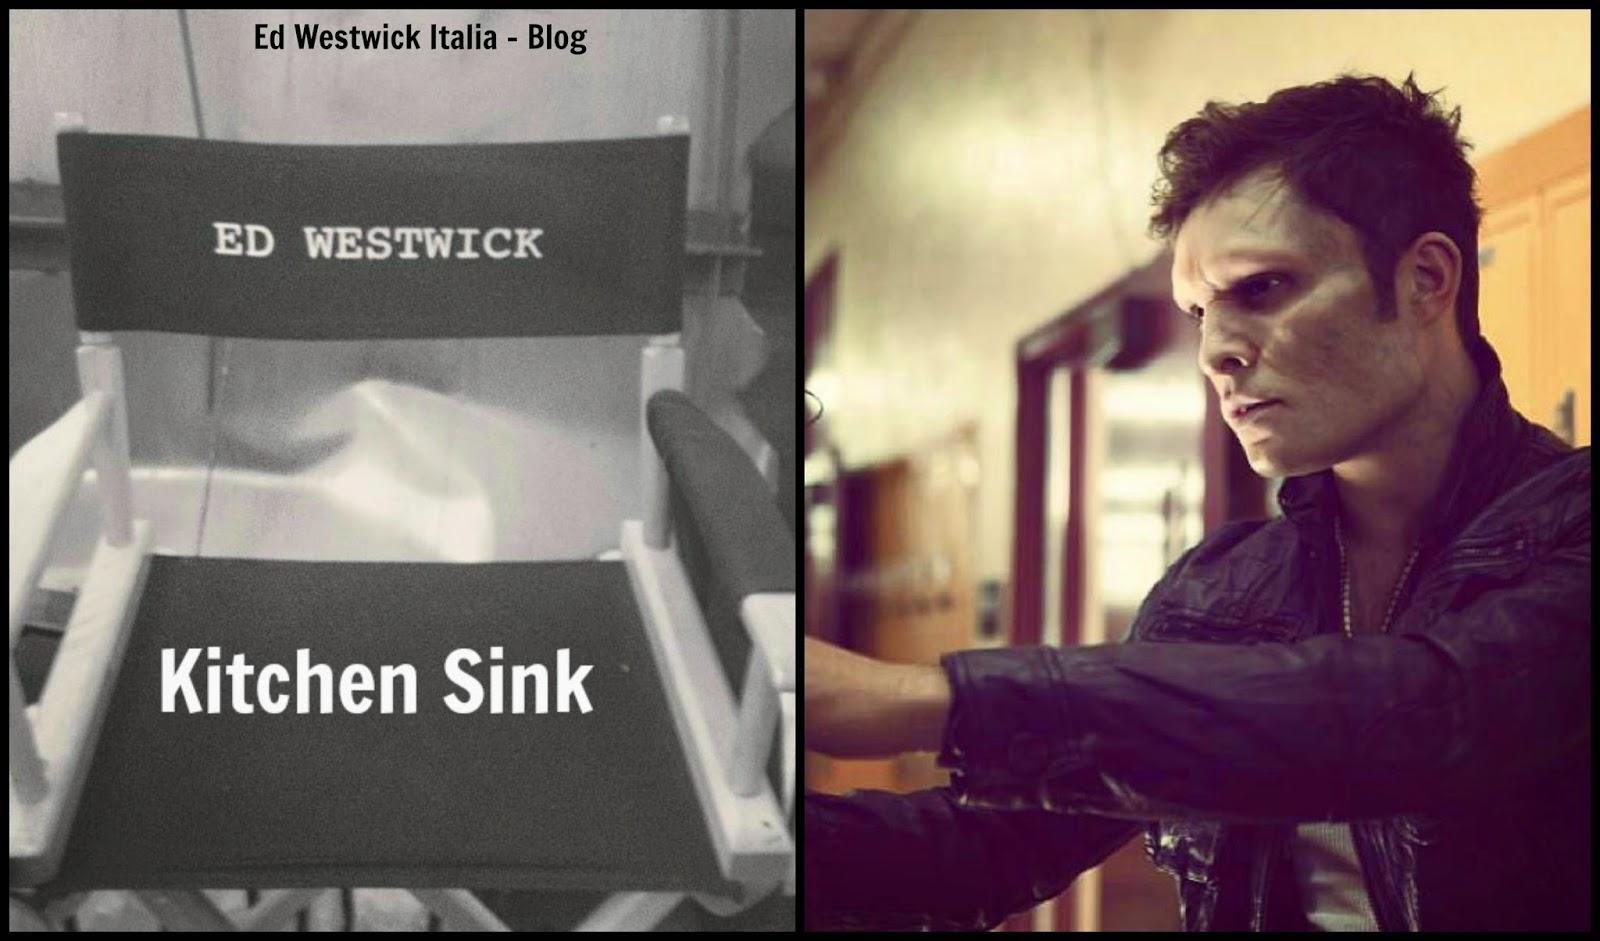 Ed Westwick Italia: Nuovo progetto - Ed Westwick nel film Kitchen Sink!